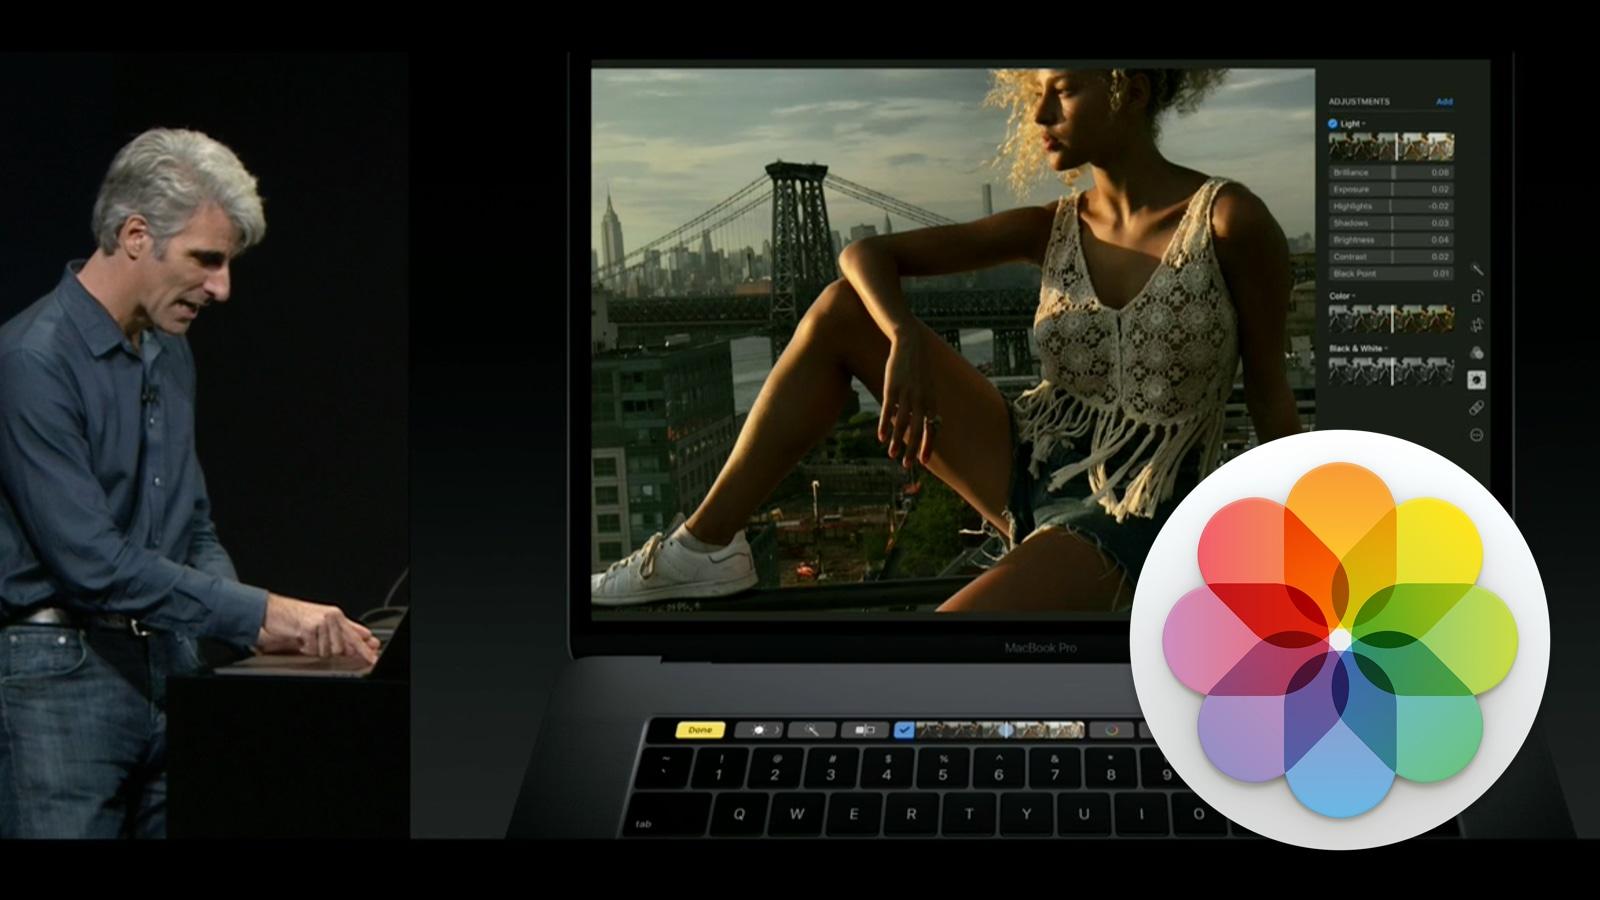 2016年 MacBook Pro タッチバー 画像編集